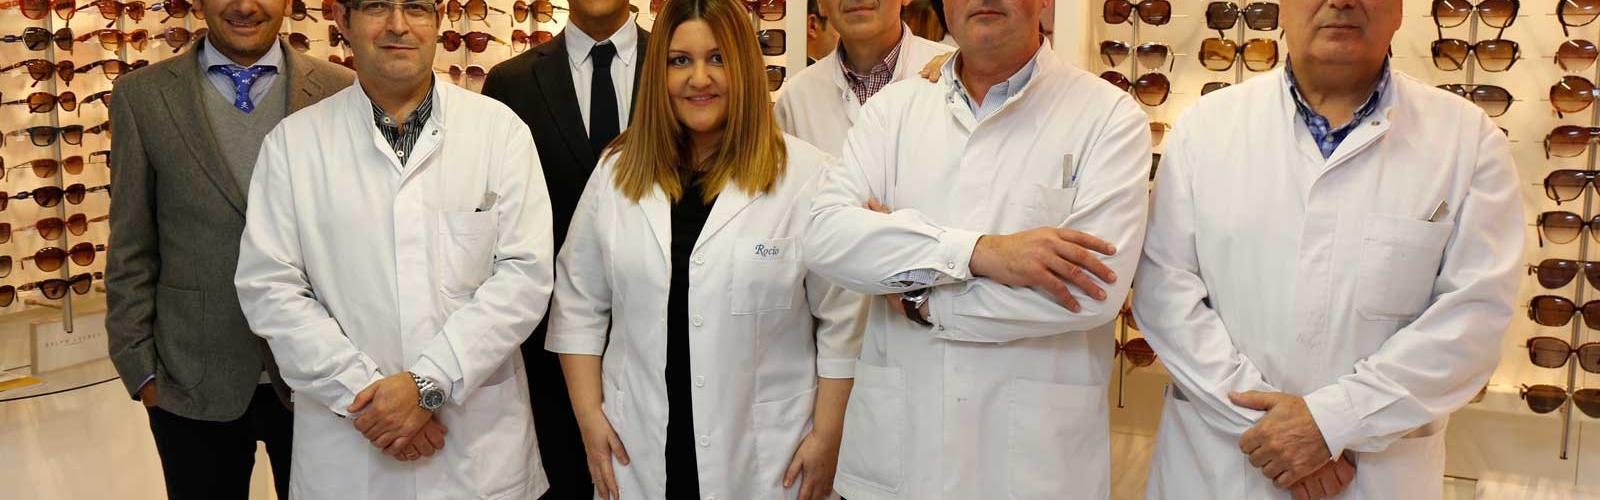 Equipo Humano de Óptica Santa Otilia, en Huelva.